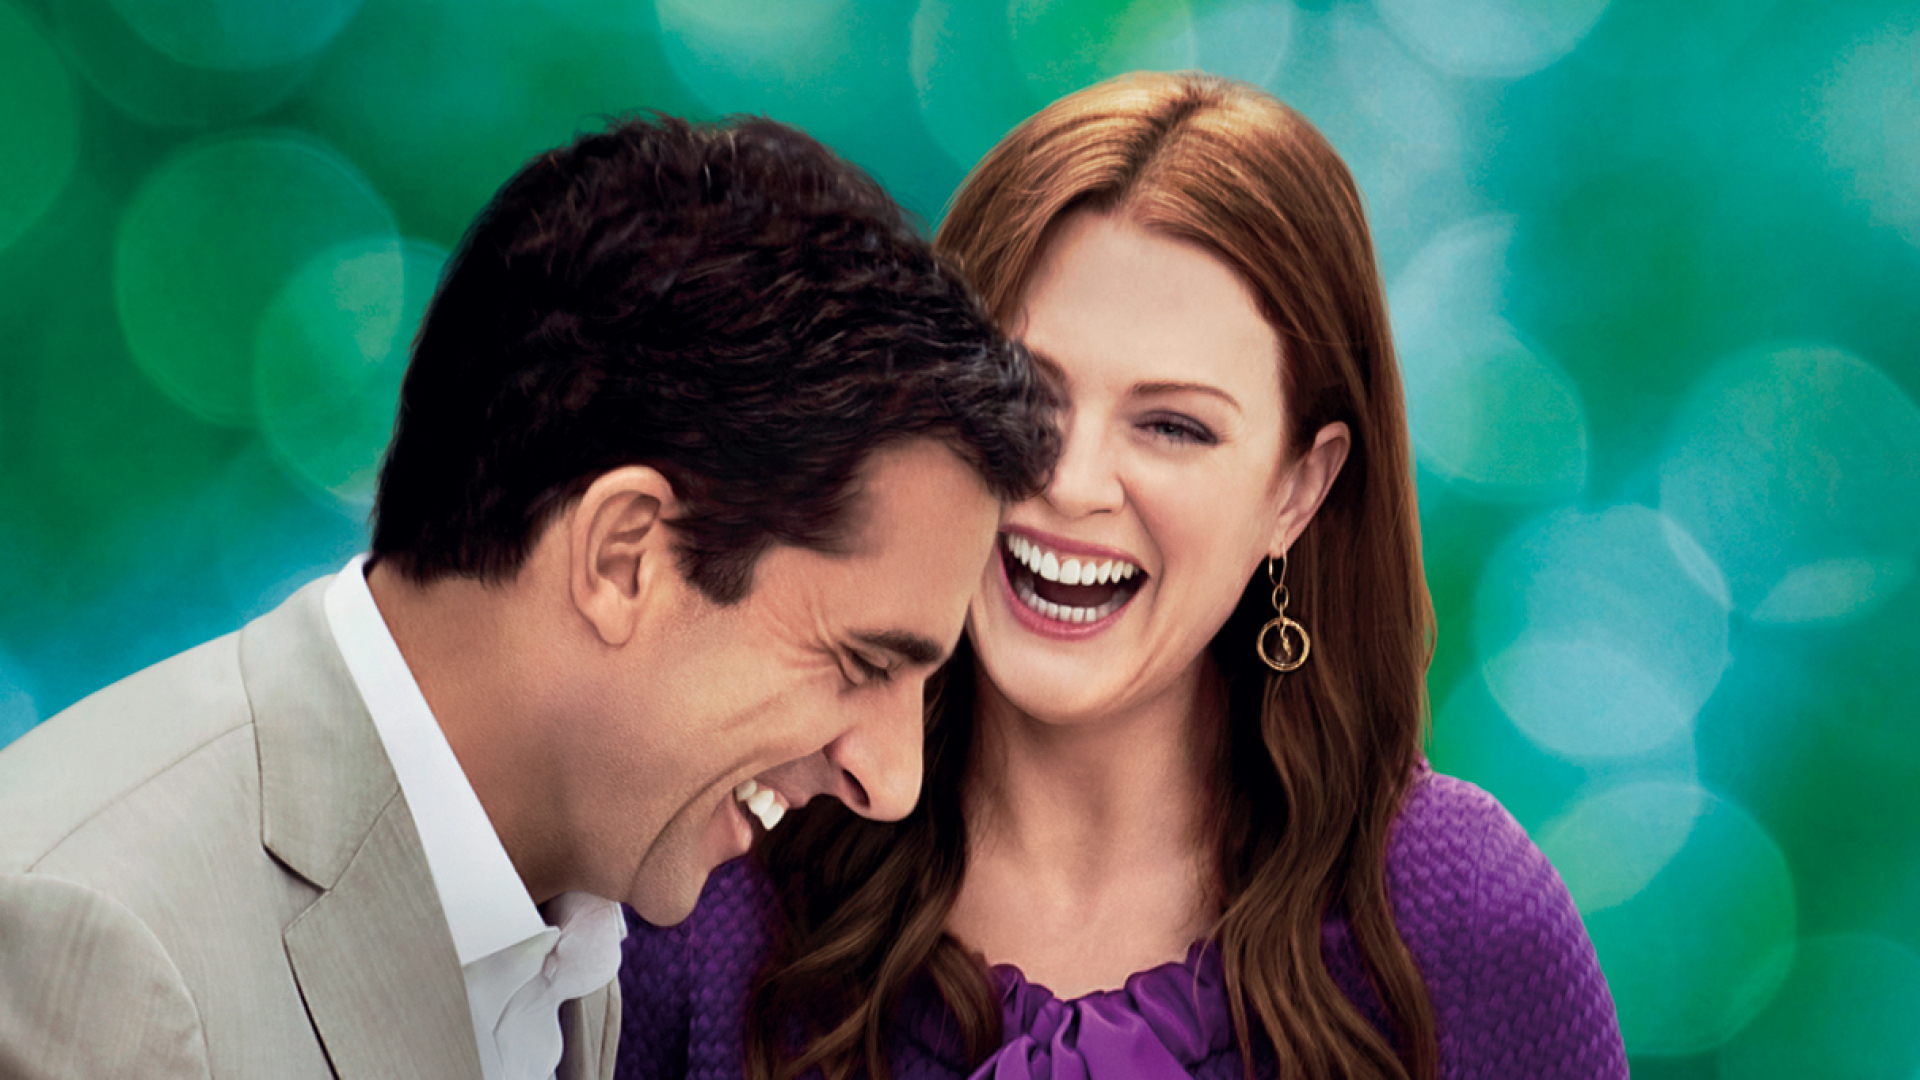 Эта дурацкая любовь (Crazy, Stupid, Love. 2011, IMDb 7,4)